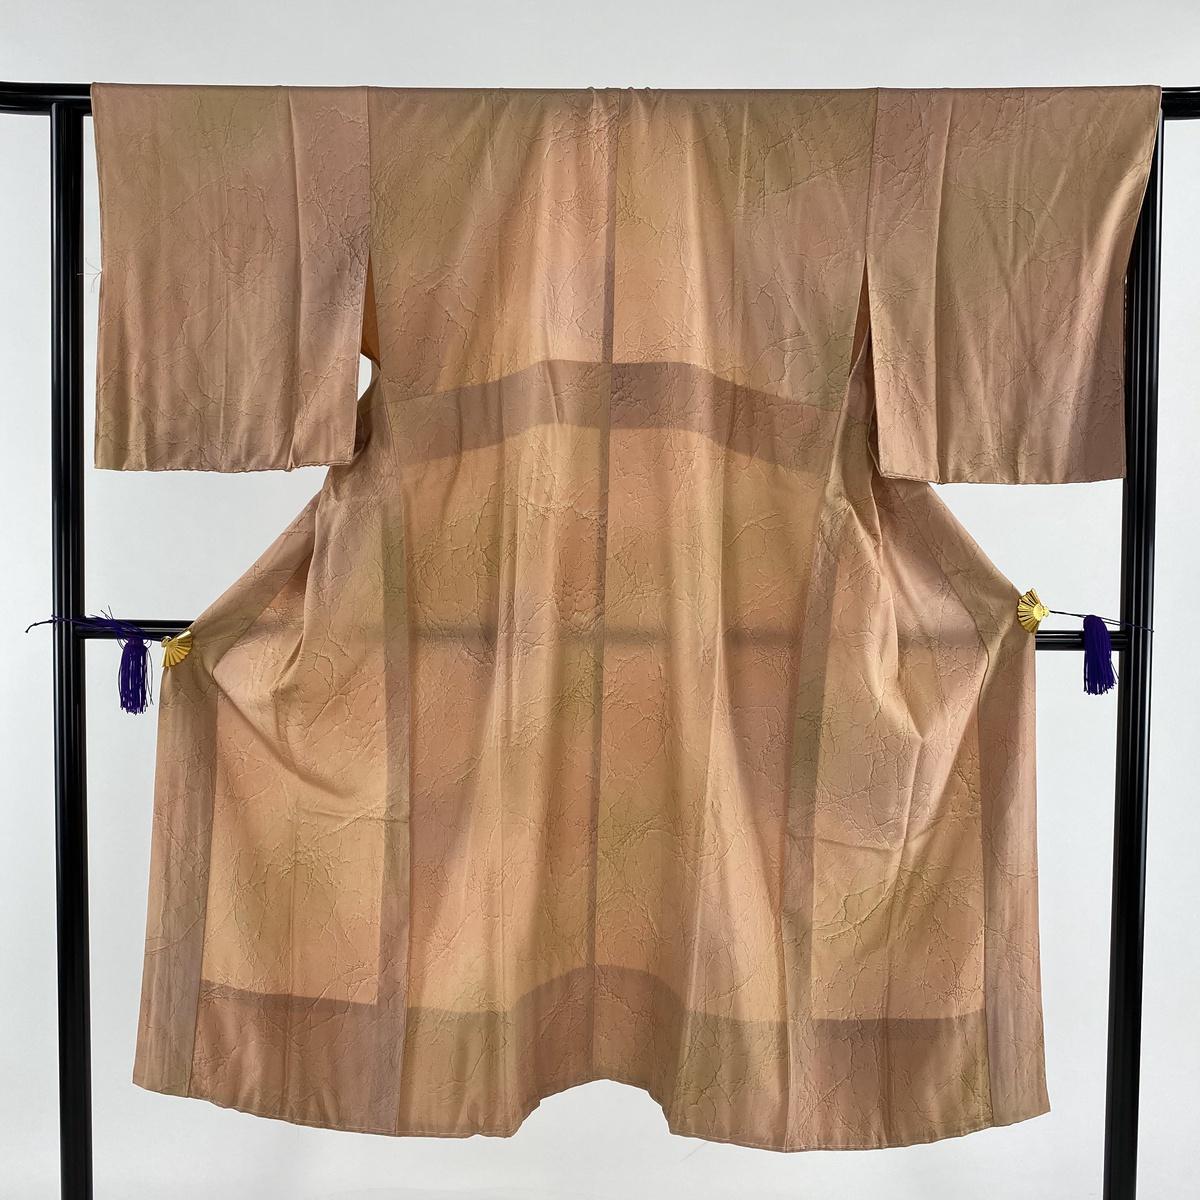 長襦袢 美品 秀品 琉球藍泥染 幾何学模様 薄オレンジ 身丈131.5cm 裄丈61cm S 正絹 【中古】